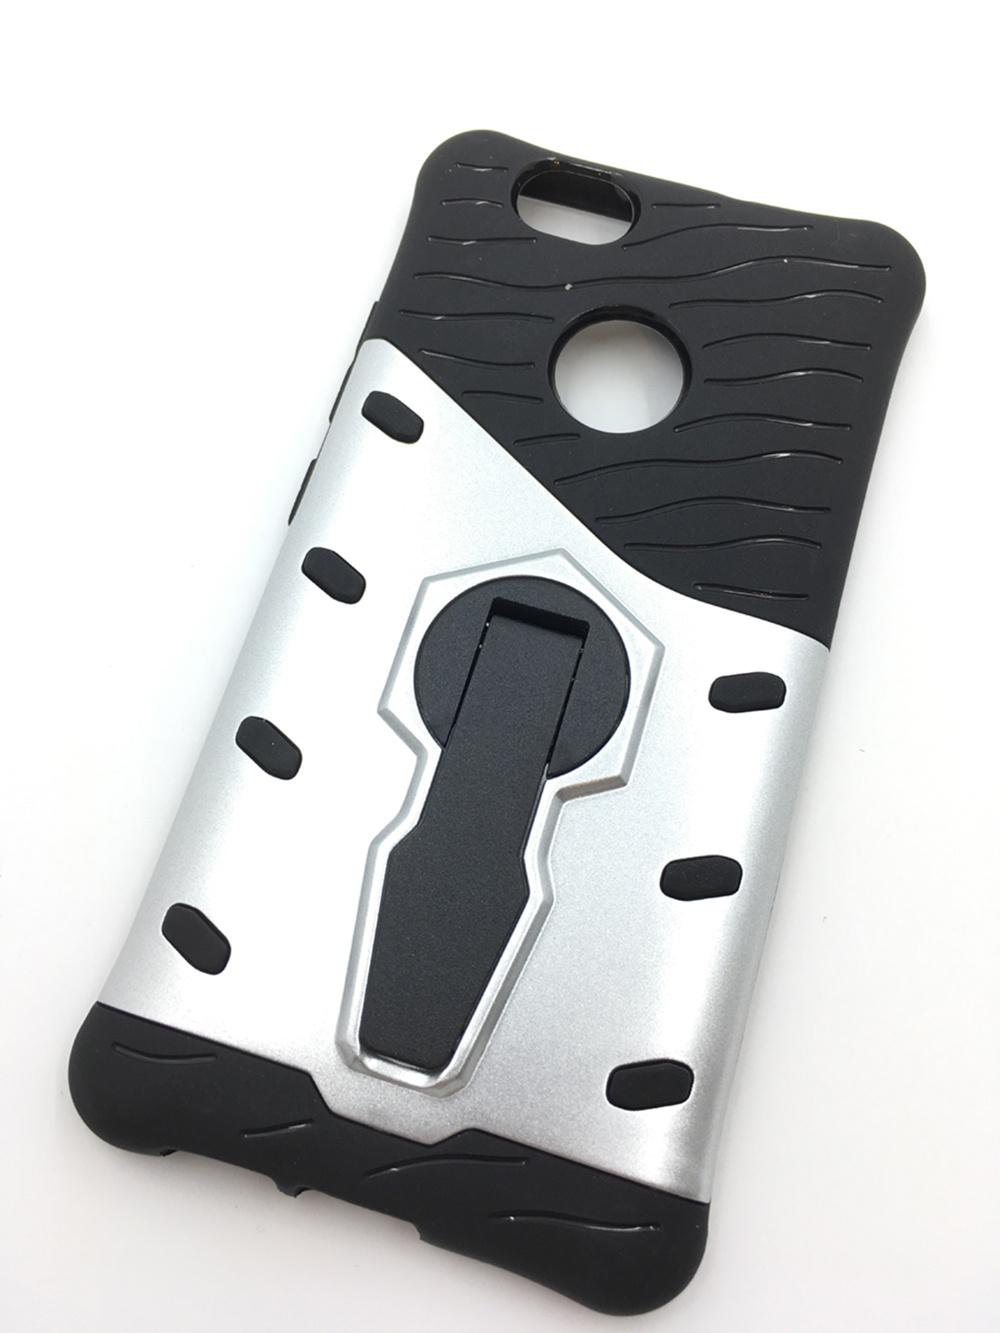 Чехол для сотового телефона Мобильная мода Huawei Nova Накладка противоударная, пластик, резина, подставка, 7 051D, светло-серый